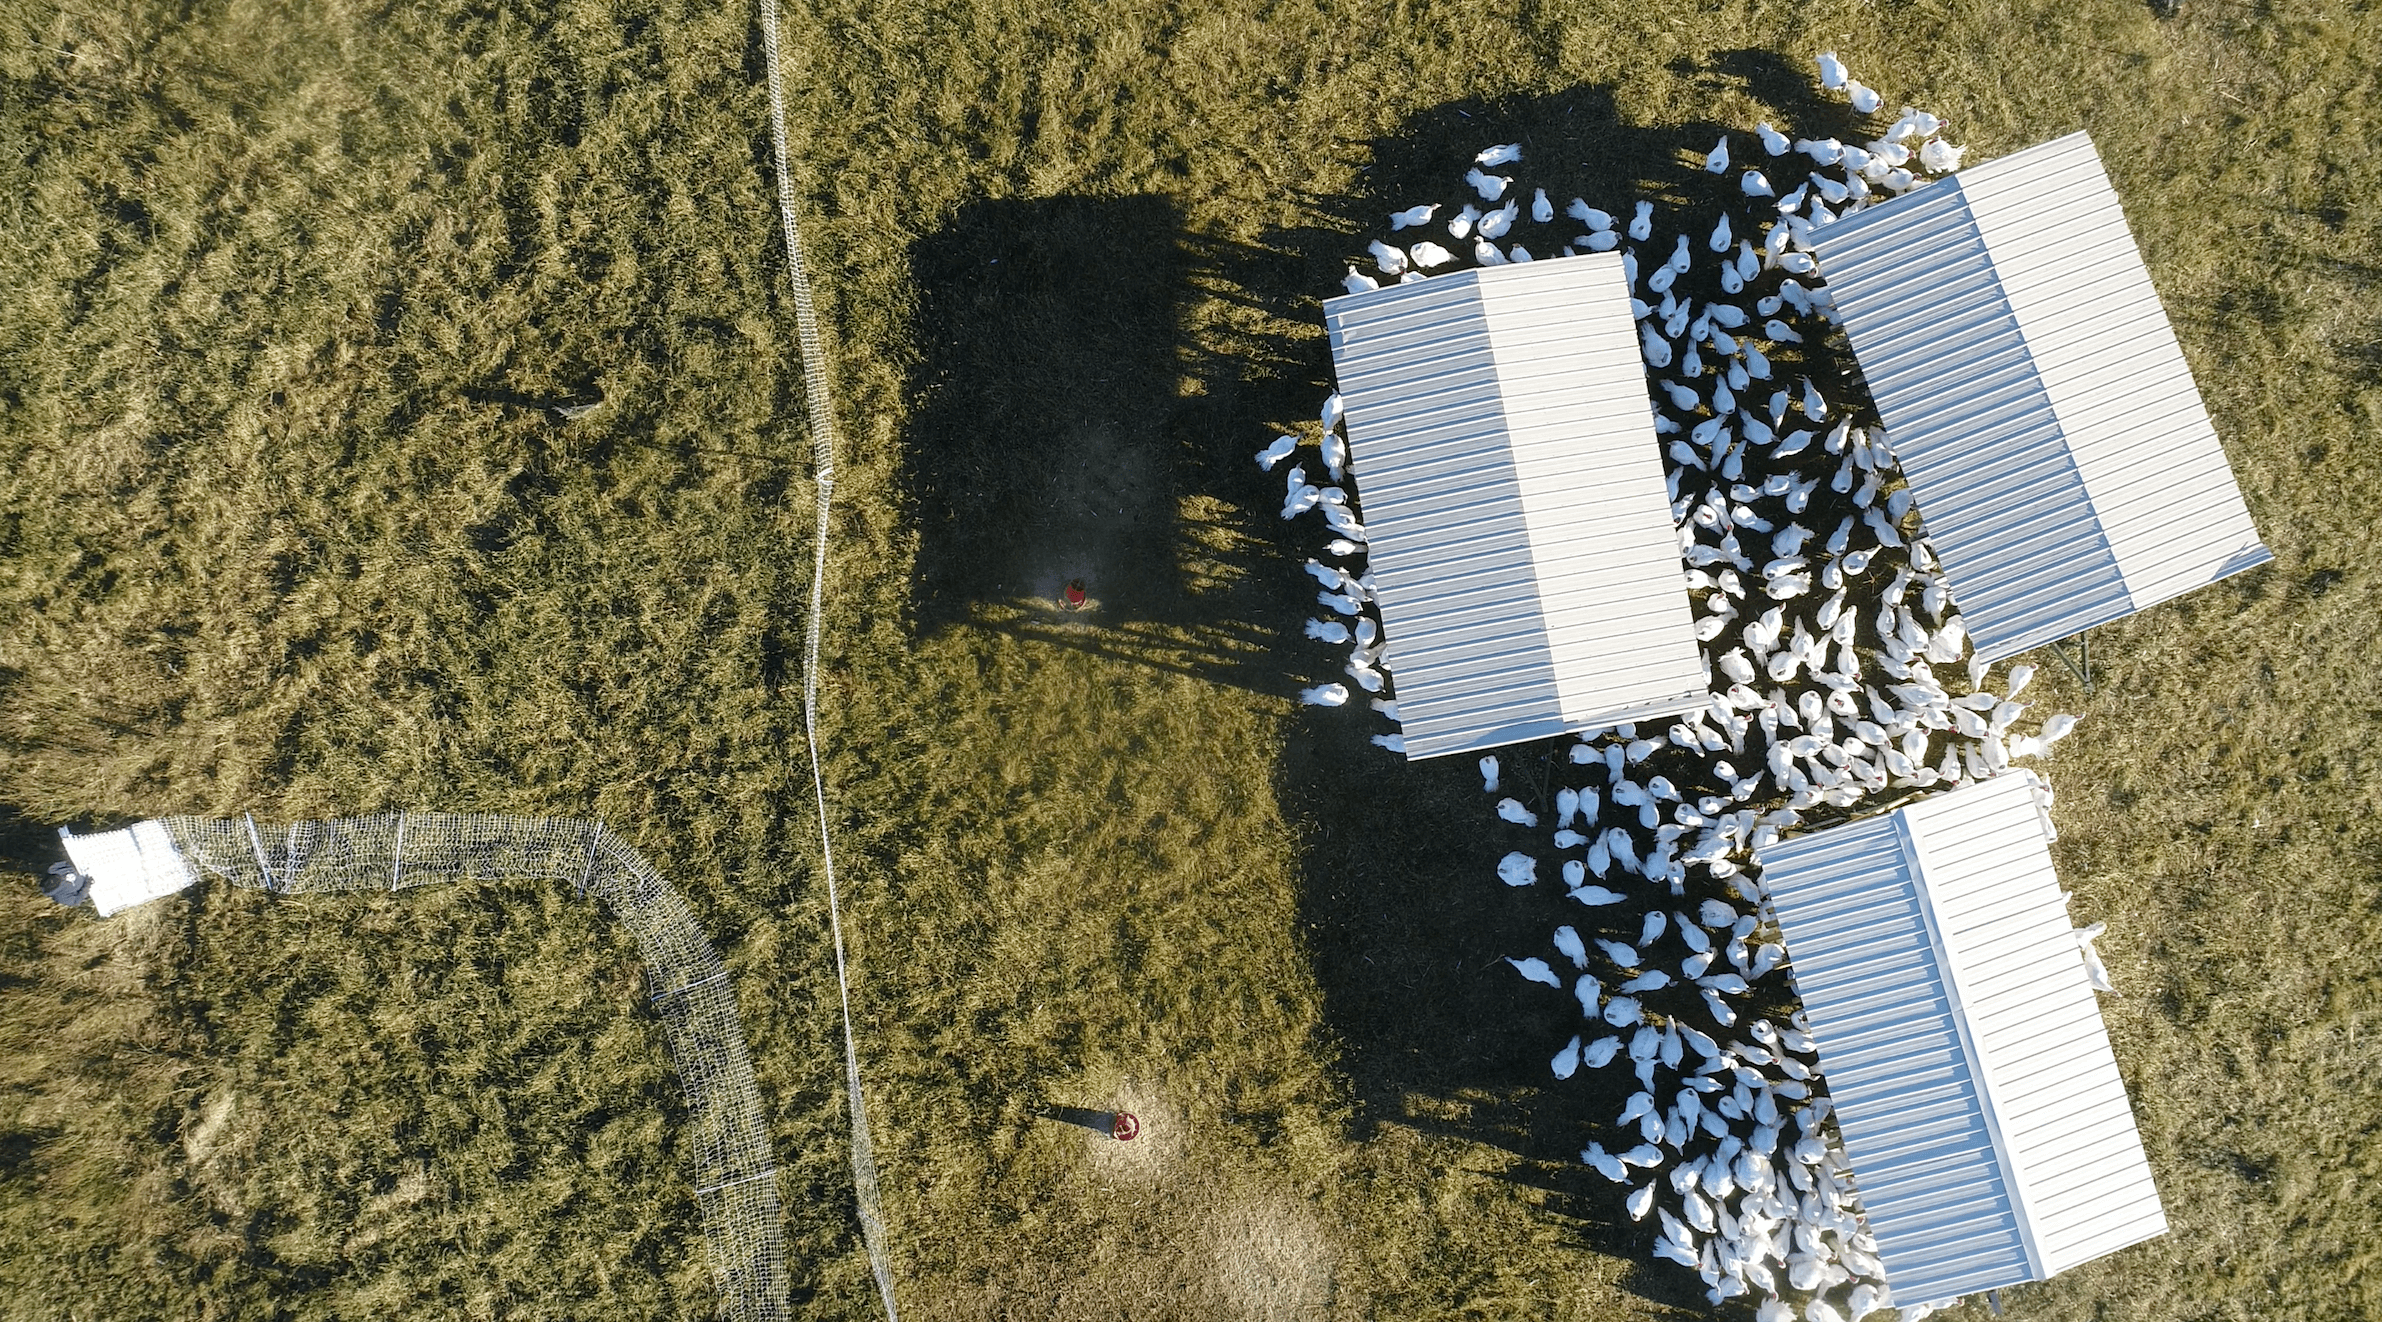 Turkeys on pasture